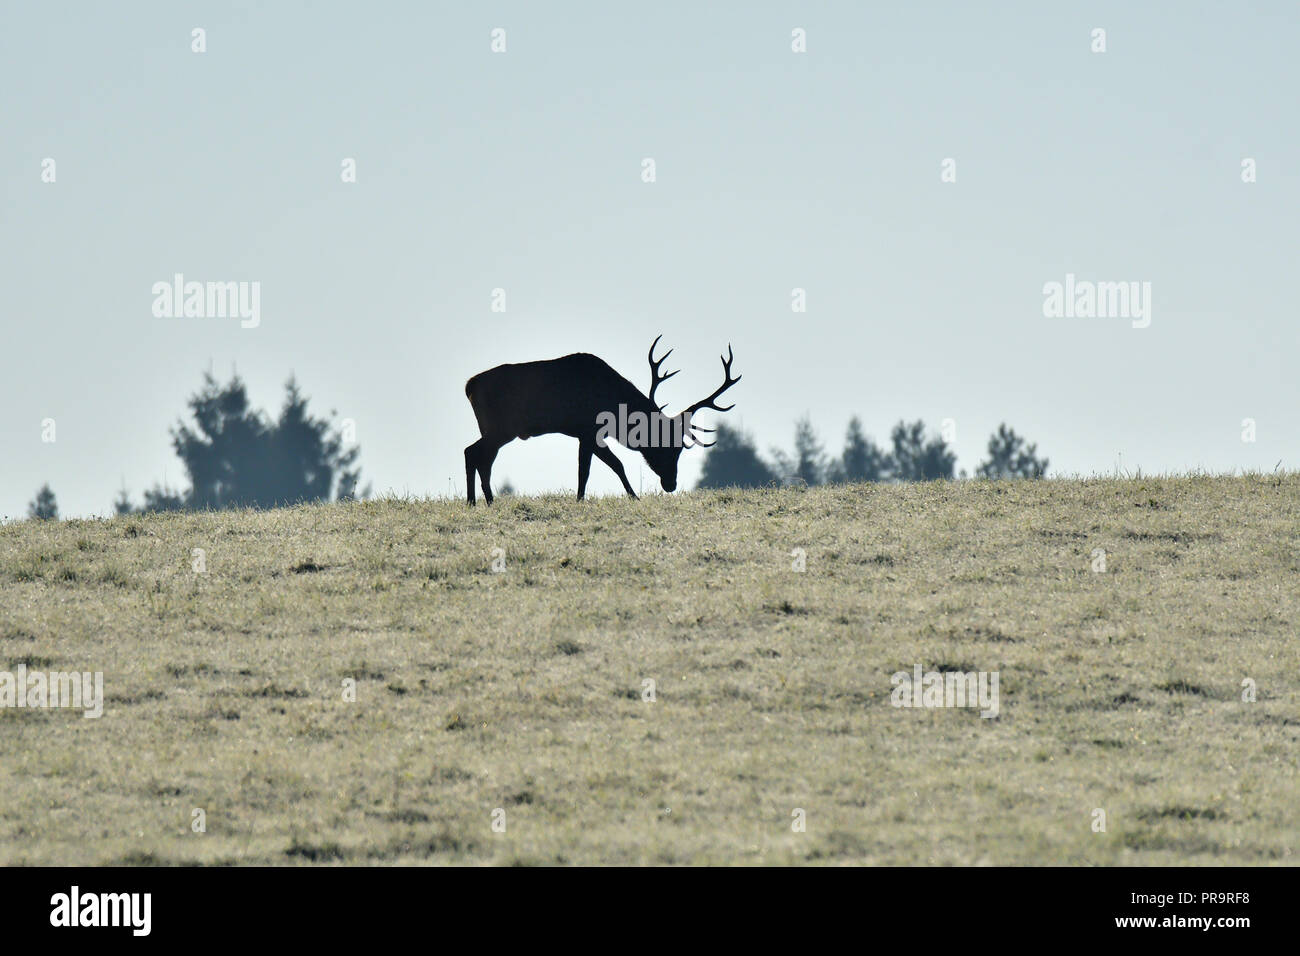 El contorno de la silueta de un ciervo con astas en el horizont Imagen De Stock